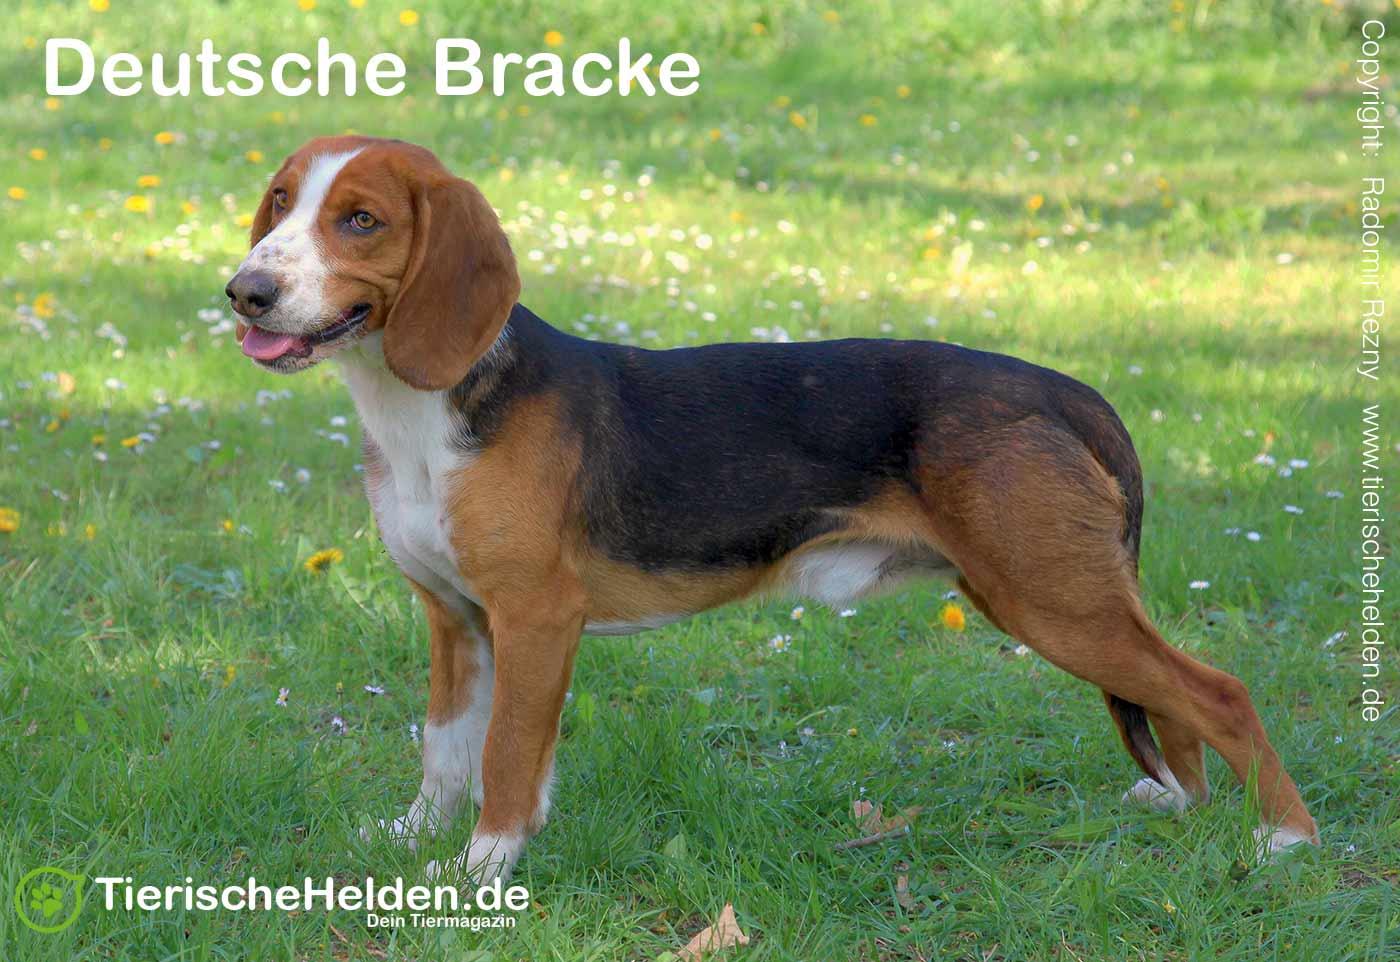 Deutsche Bracke